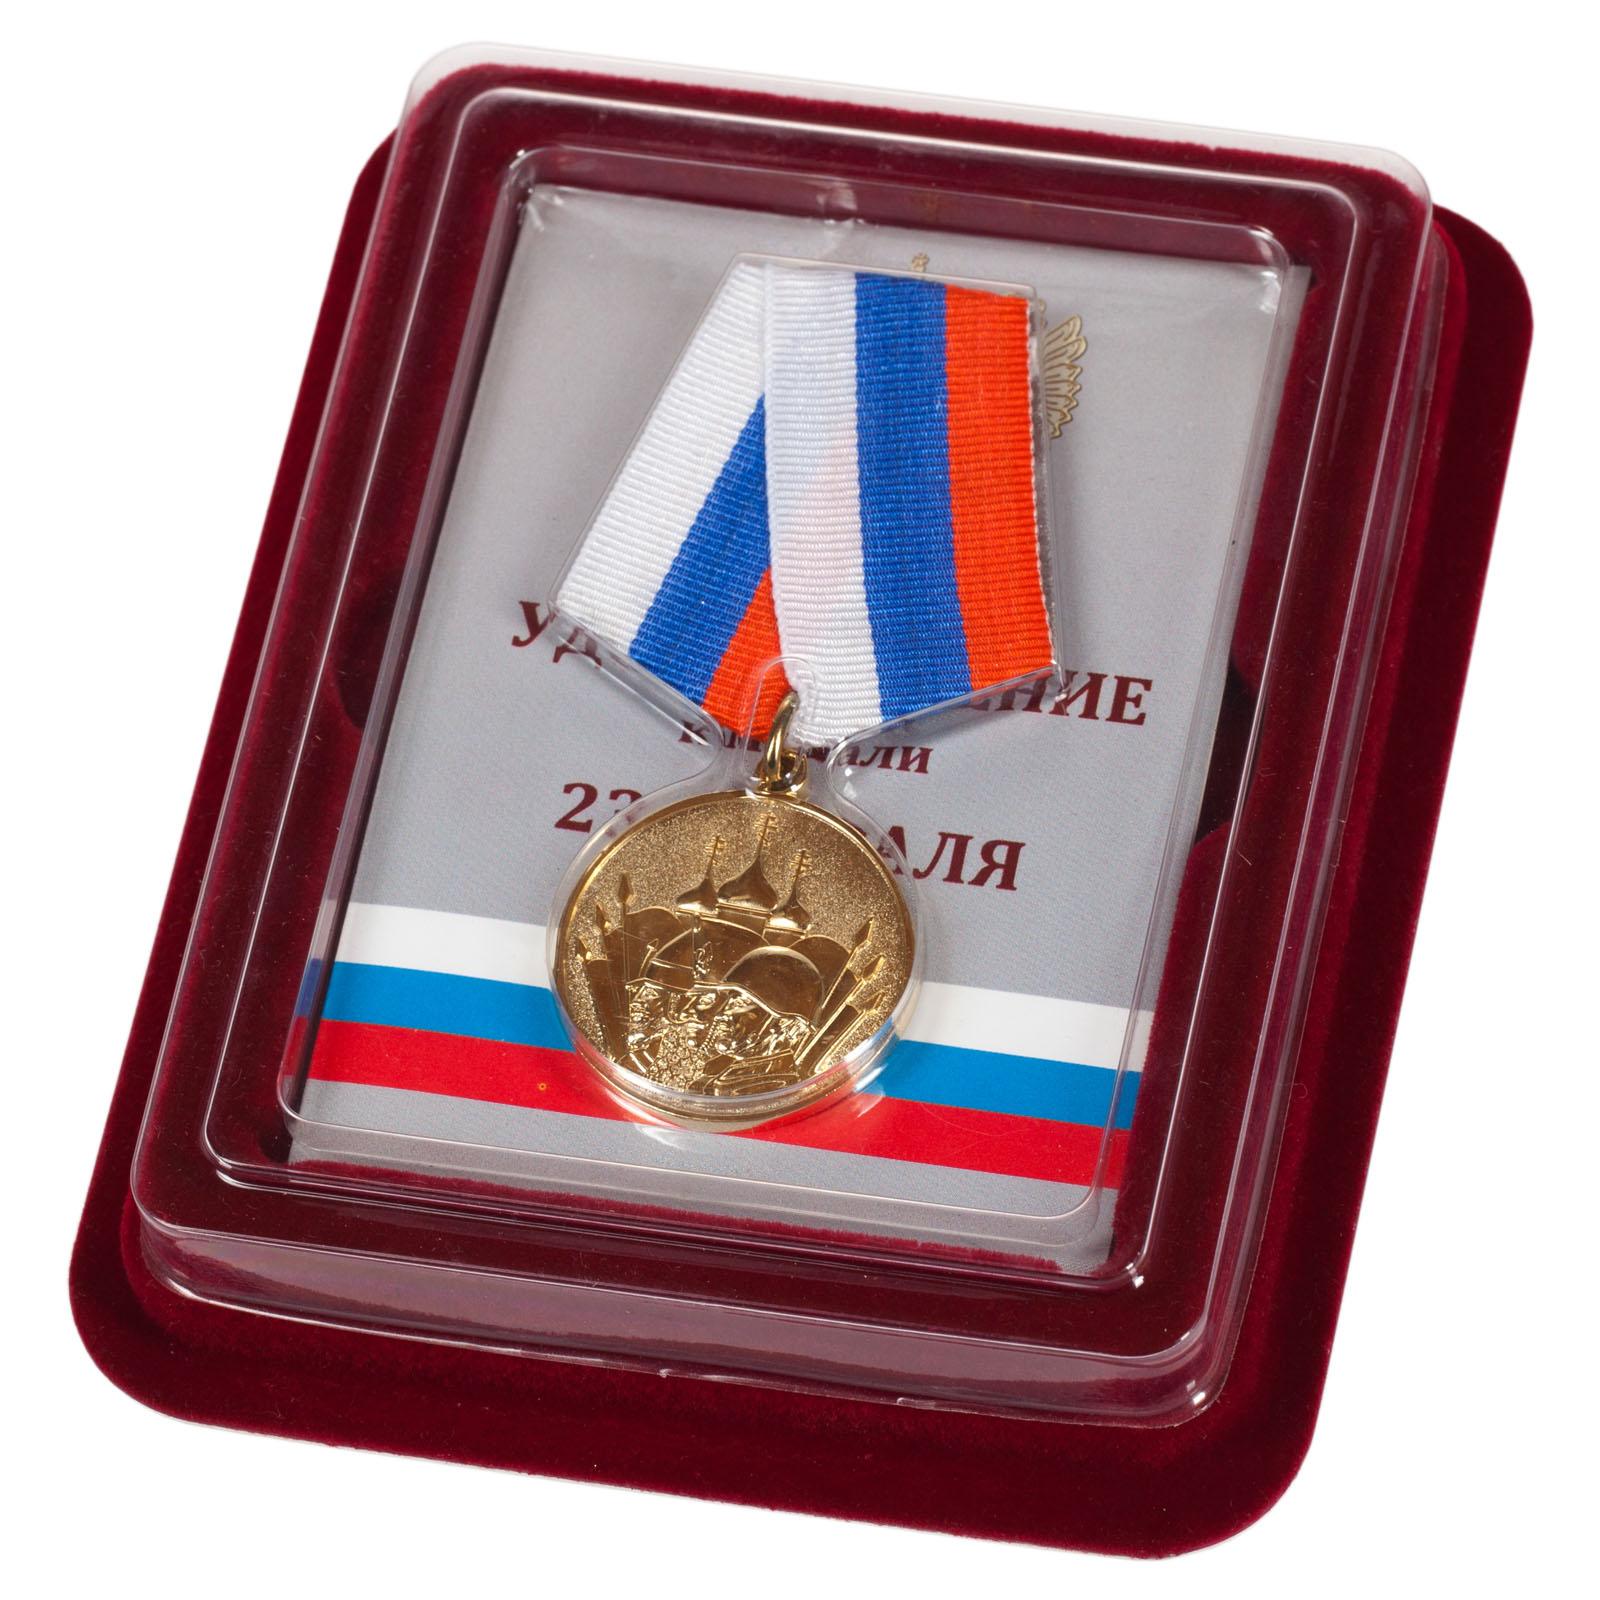 Купить медаль на 23 февраля как недорогой, памятный подарок